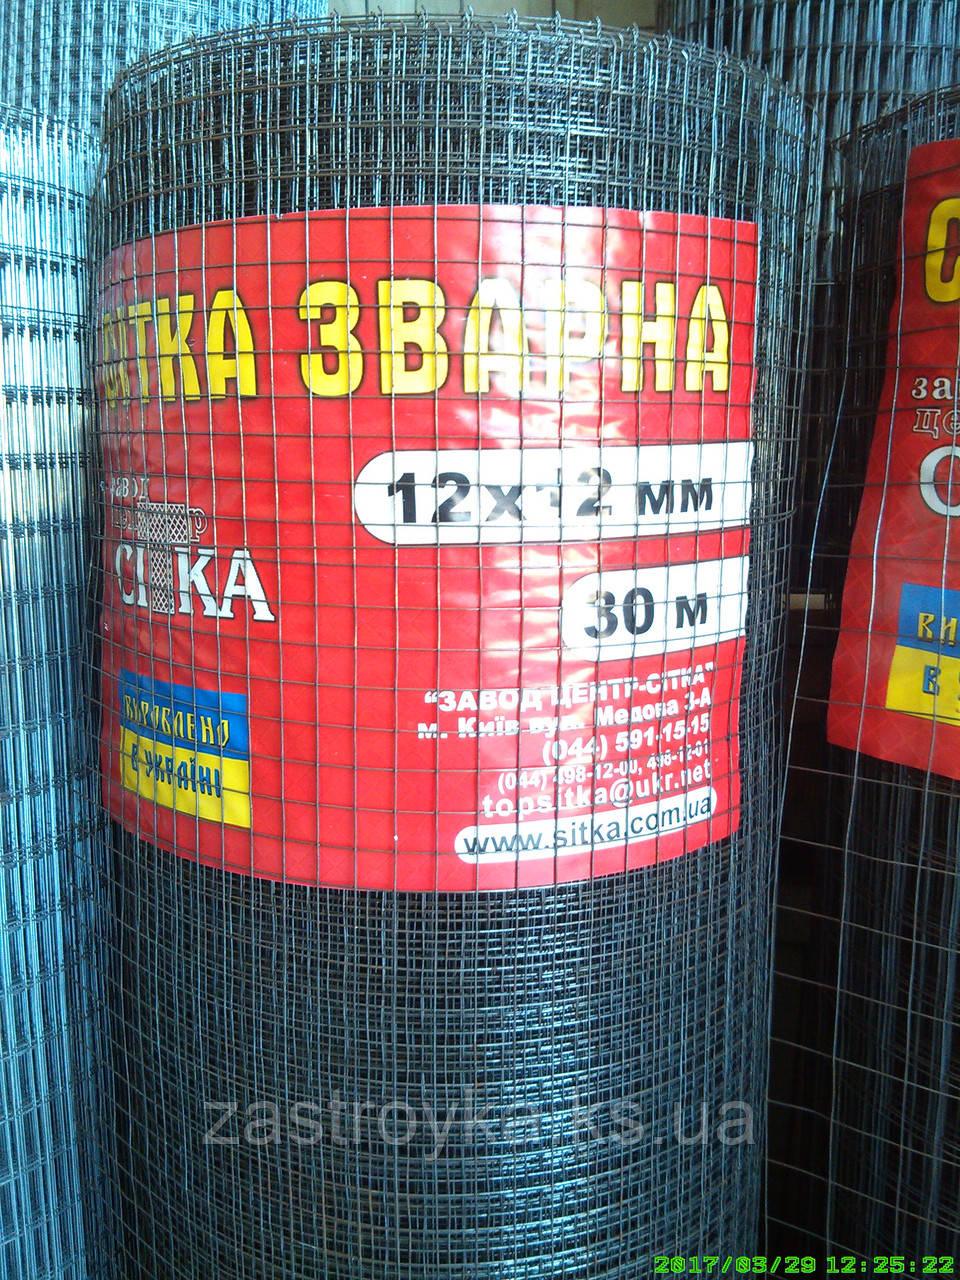 Сітка зварна 12х12мм d0,7мм 1х30м (без покриття) на метраж не ріжемо